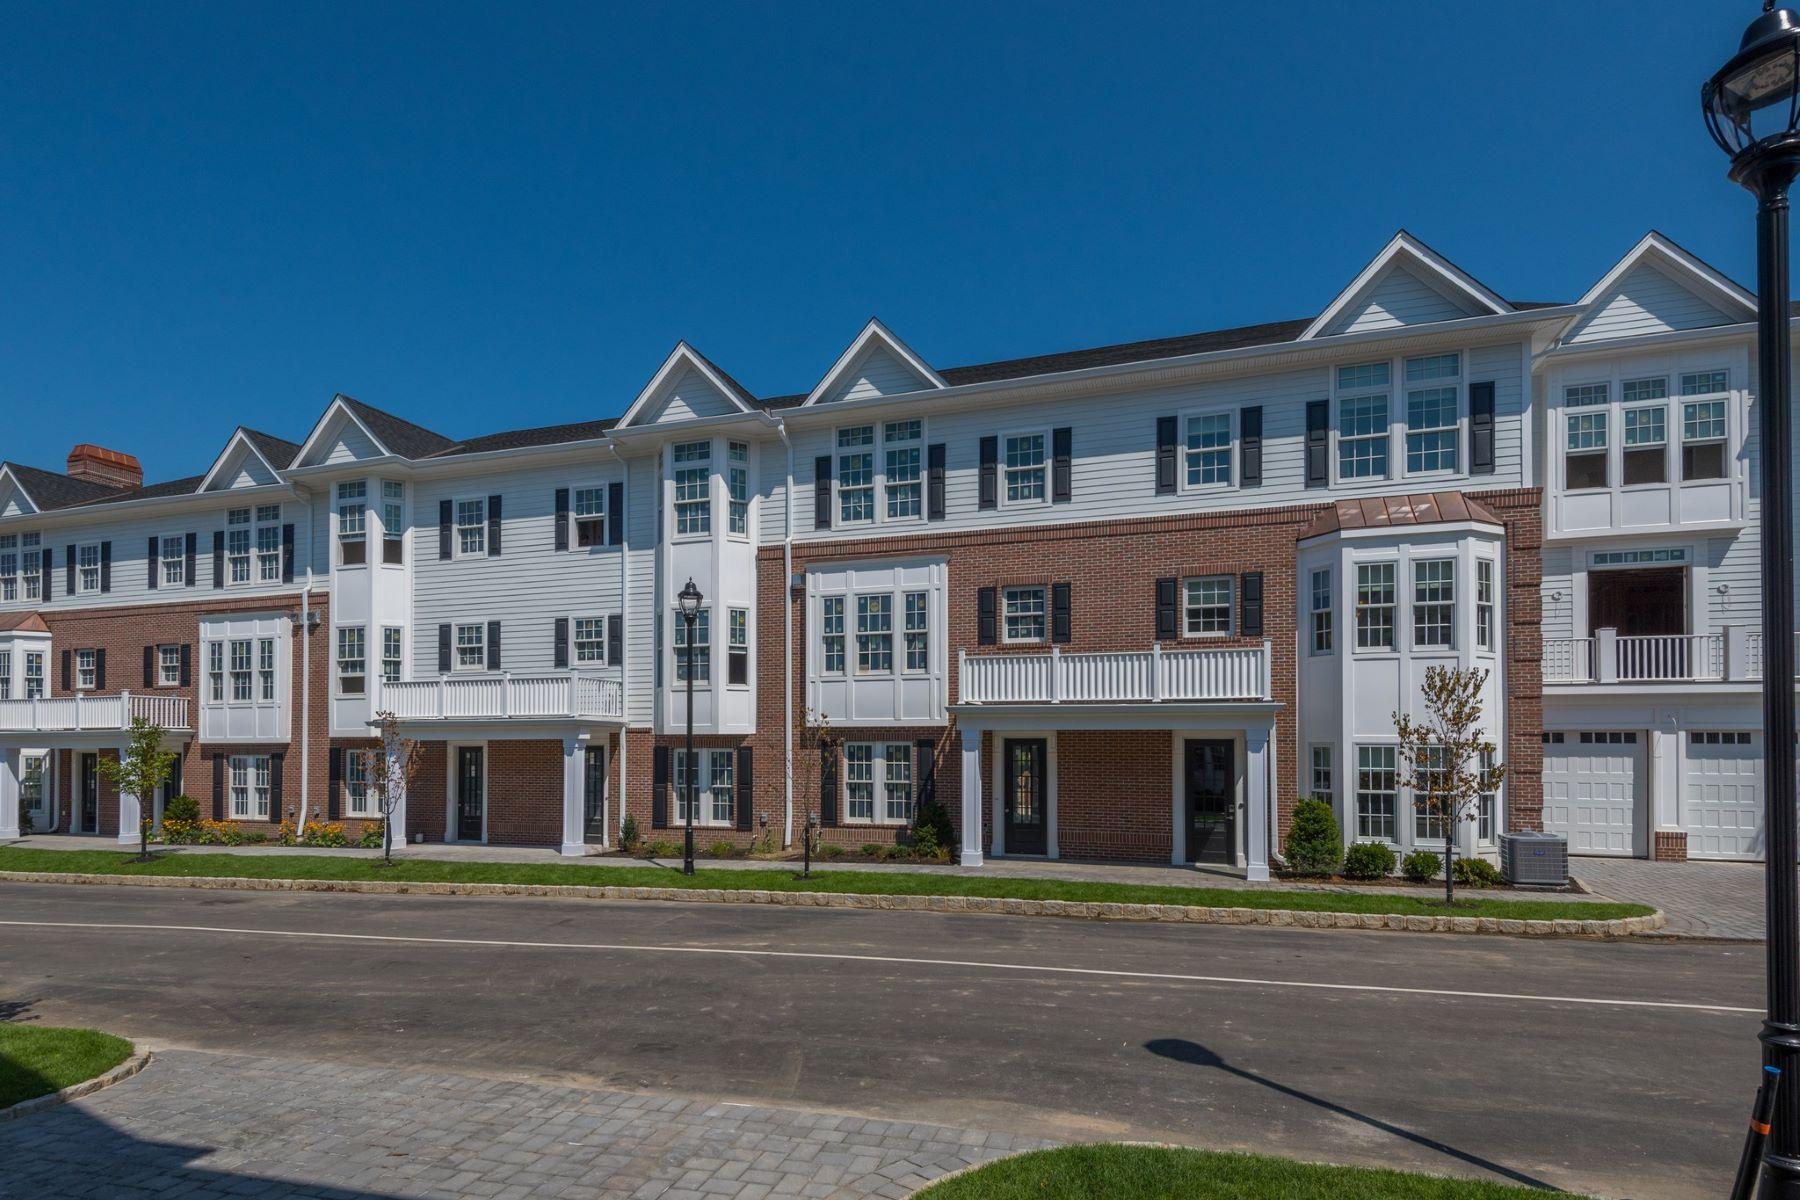 Частный односемейный дом для того Продажа на 1101 Grist Mill Cir , 1101, Roslyn, NY 11576 1101 Grist Mill Cir 1101 Roslyn, Нью-Йорк 11576 Соединенные Штаты